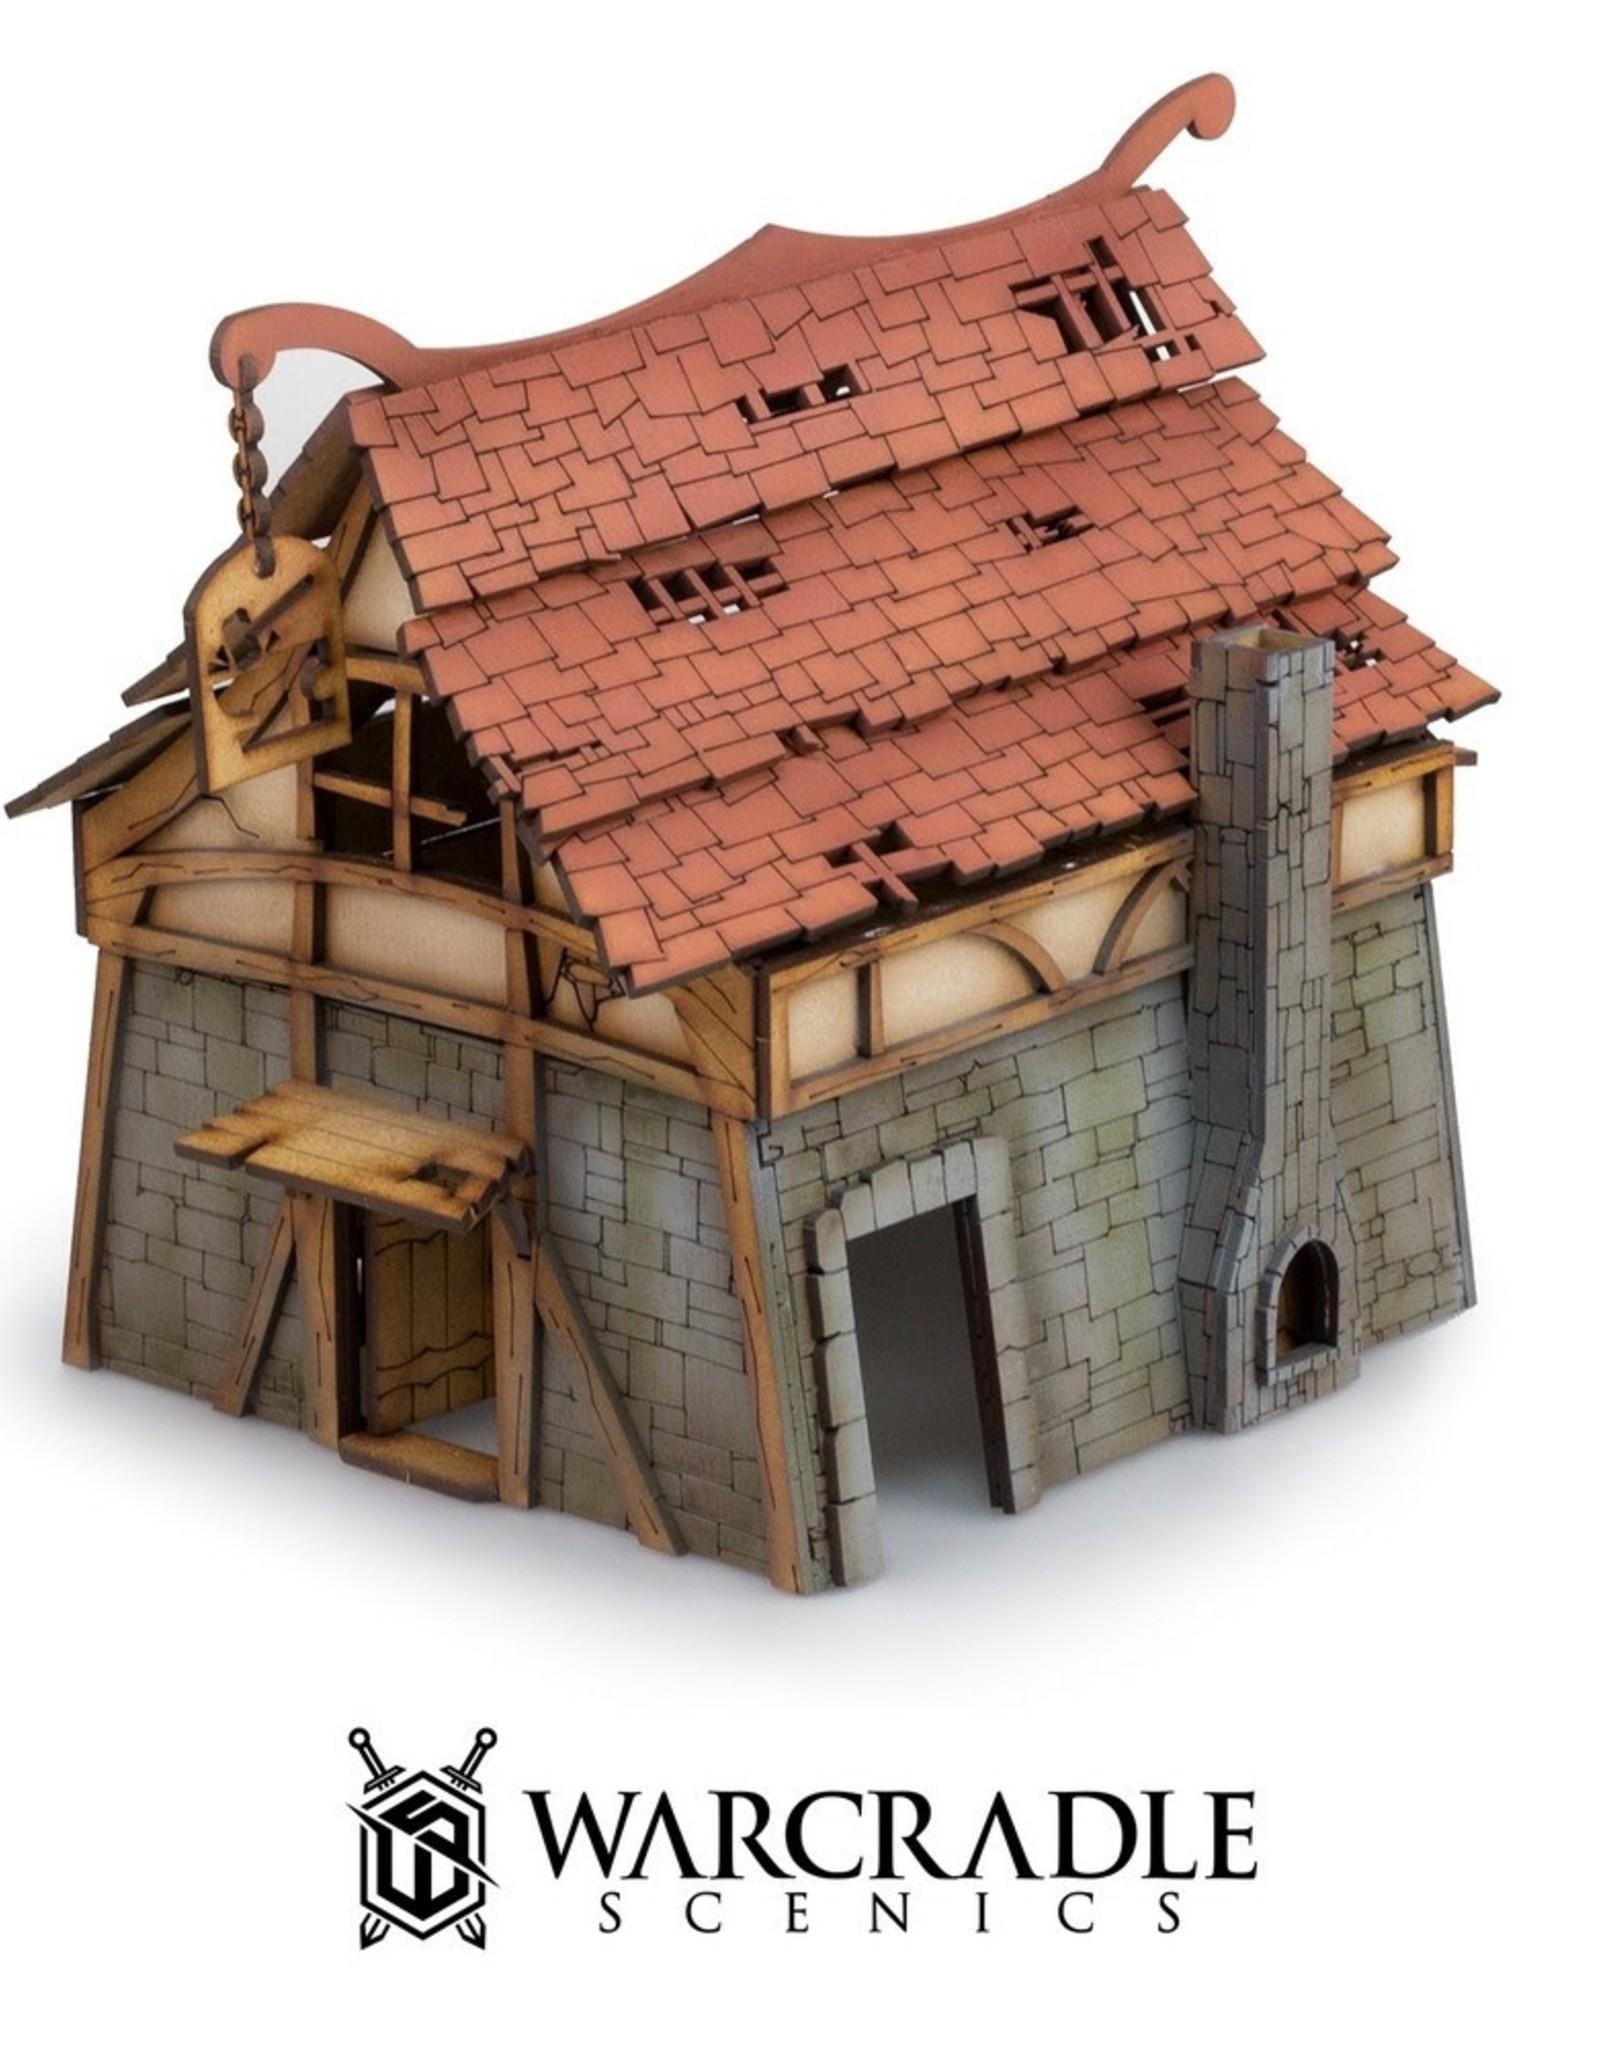 Warcradle Gloomburg: Blacksmiths